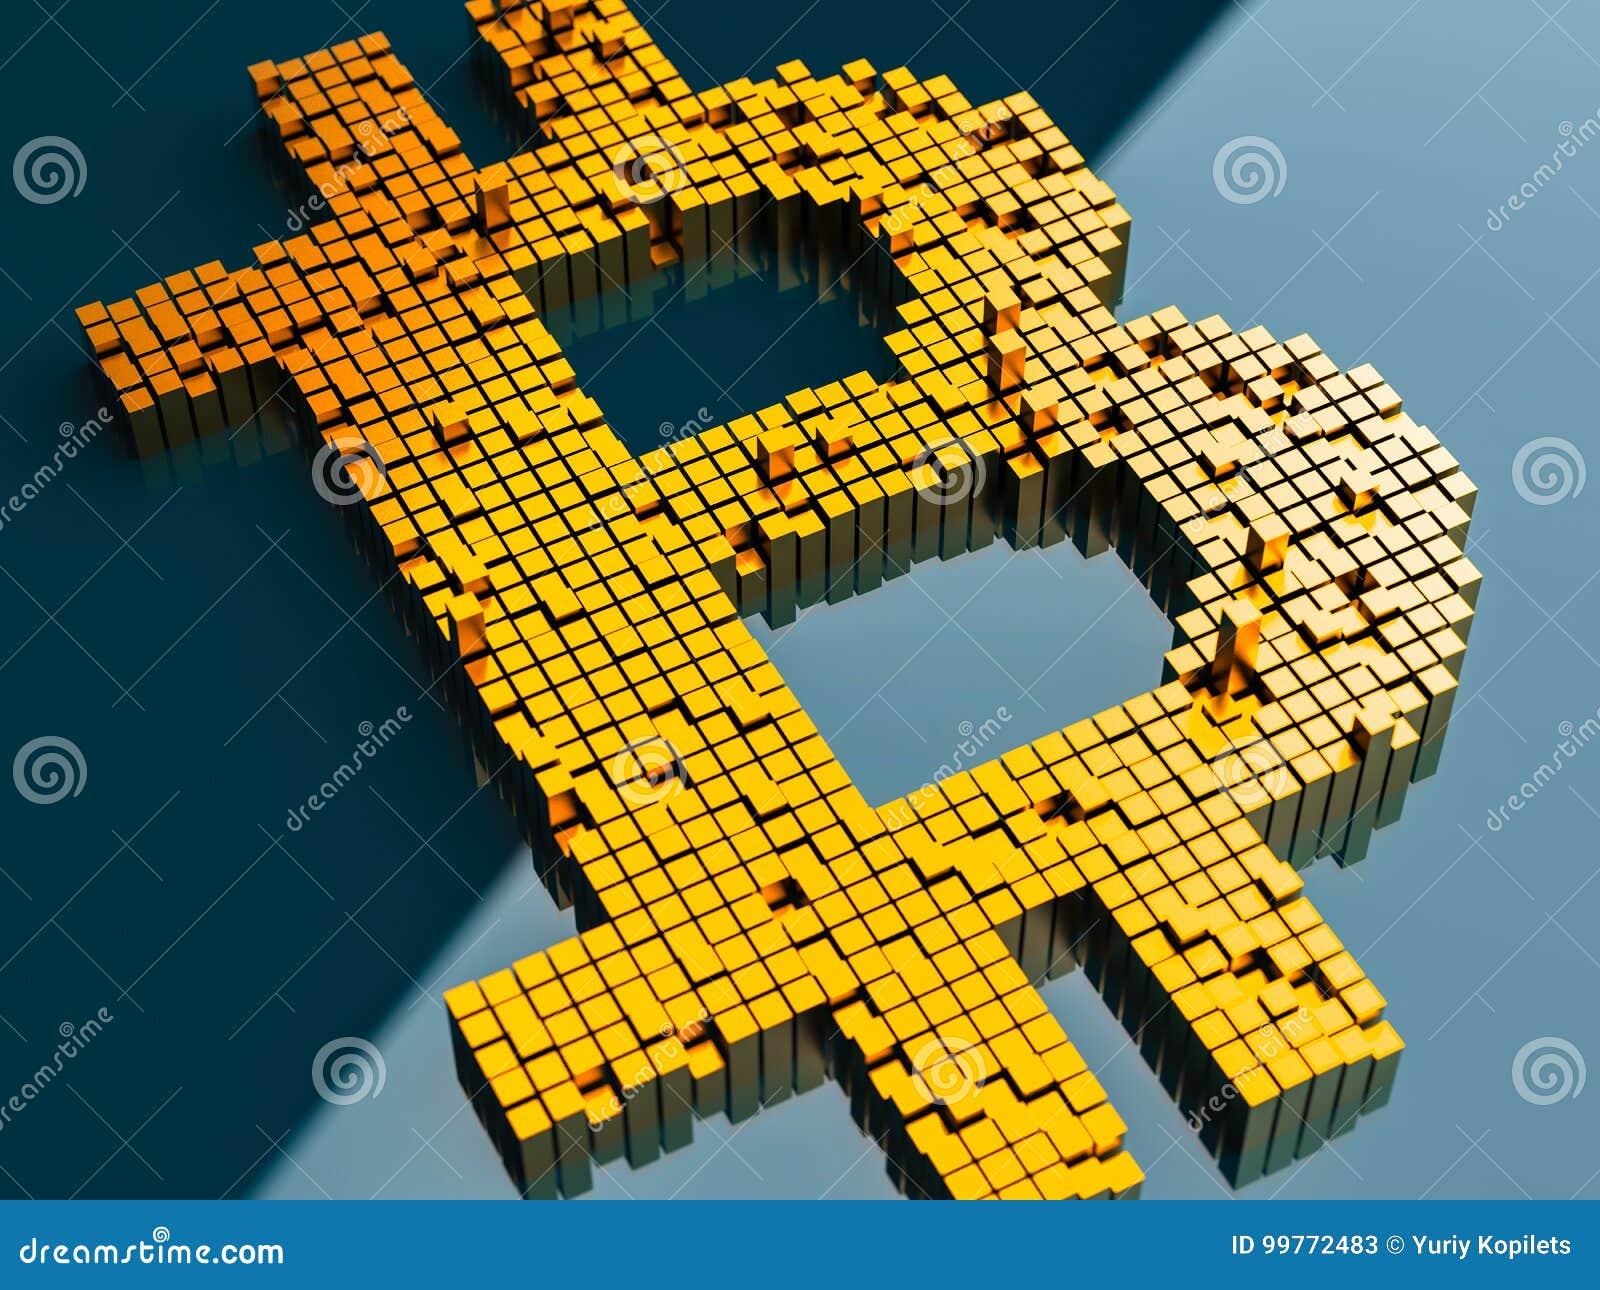 Zbliżenia pojęcie mali metali sześciany które budują up to formę bitcoin symbol na błękitnym tle w przypadkowym układzie